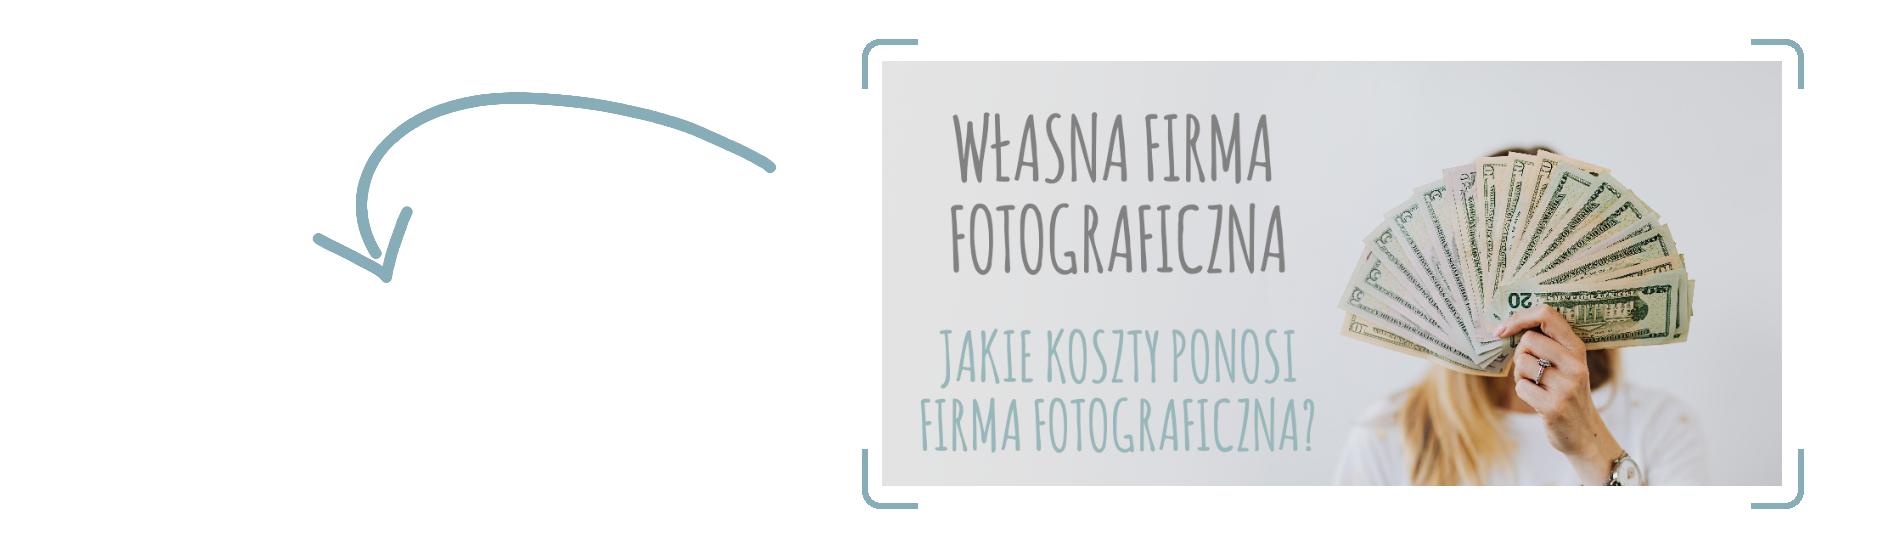 Własna Firma Fotograficzna - Jakie koszty ponosi firma fotograficzna? - cervus-shop.pl